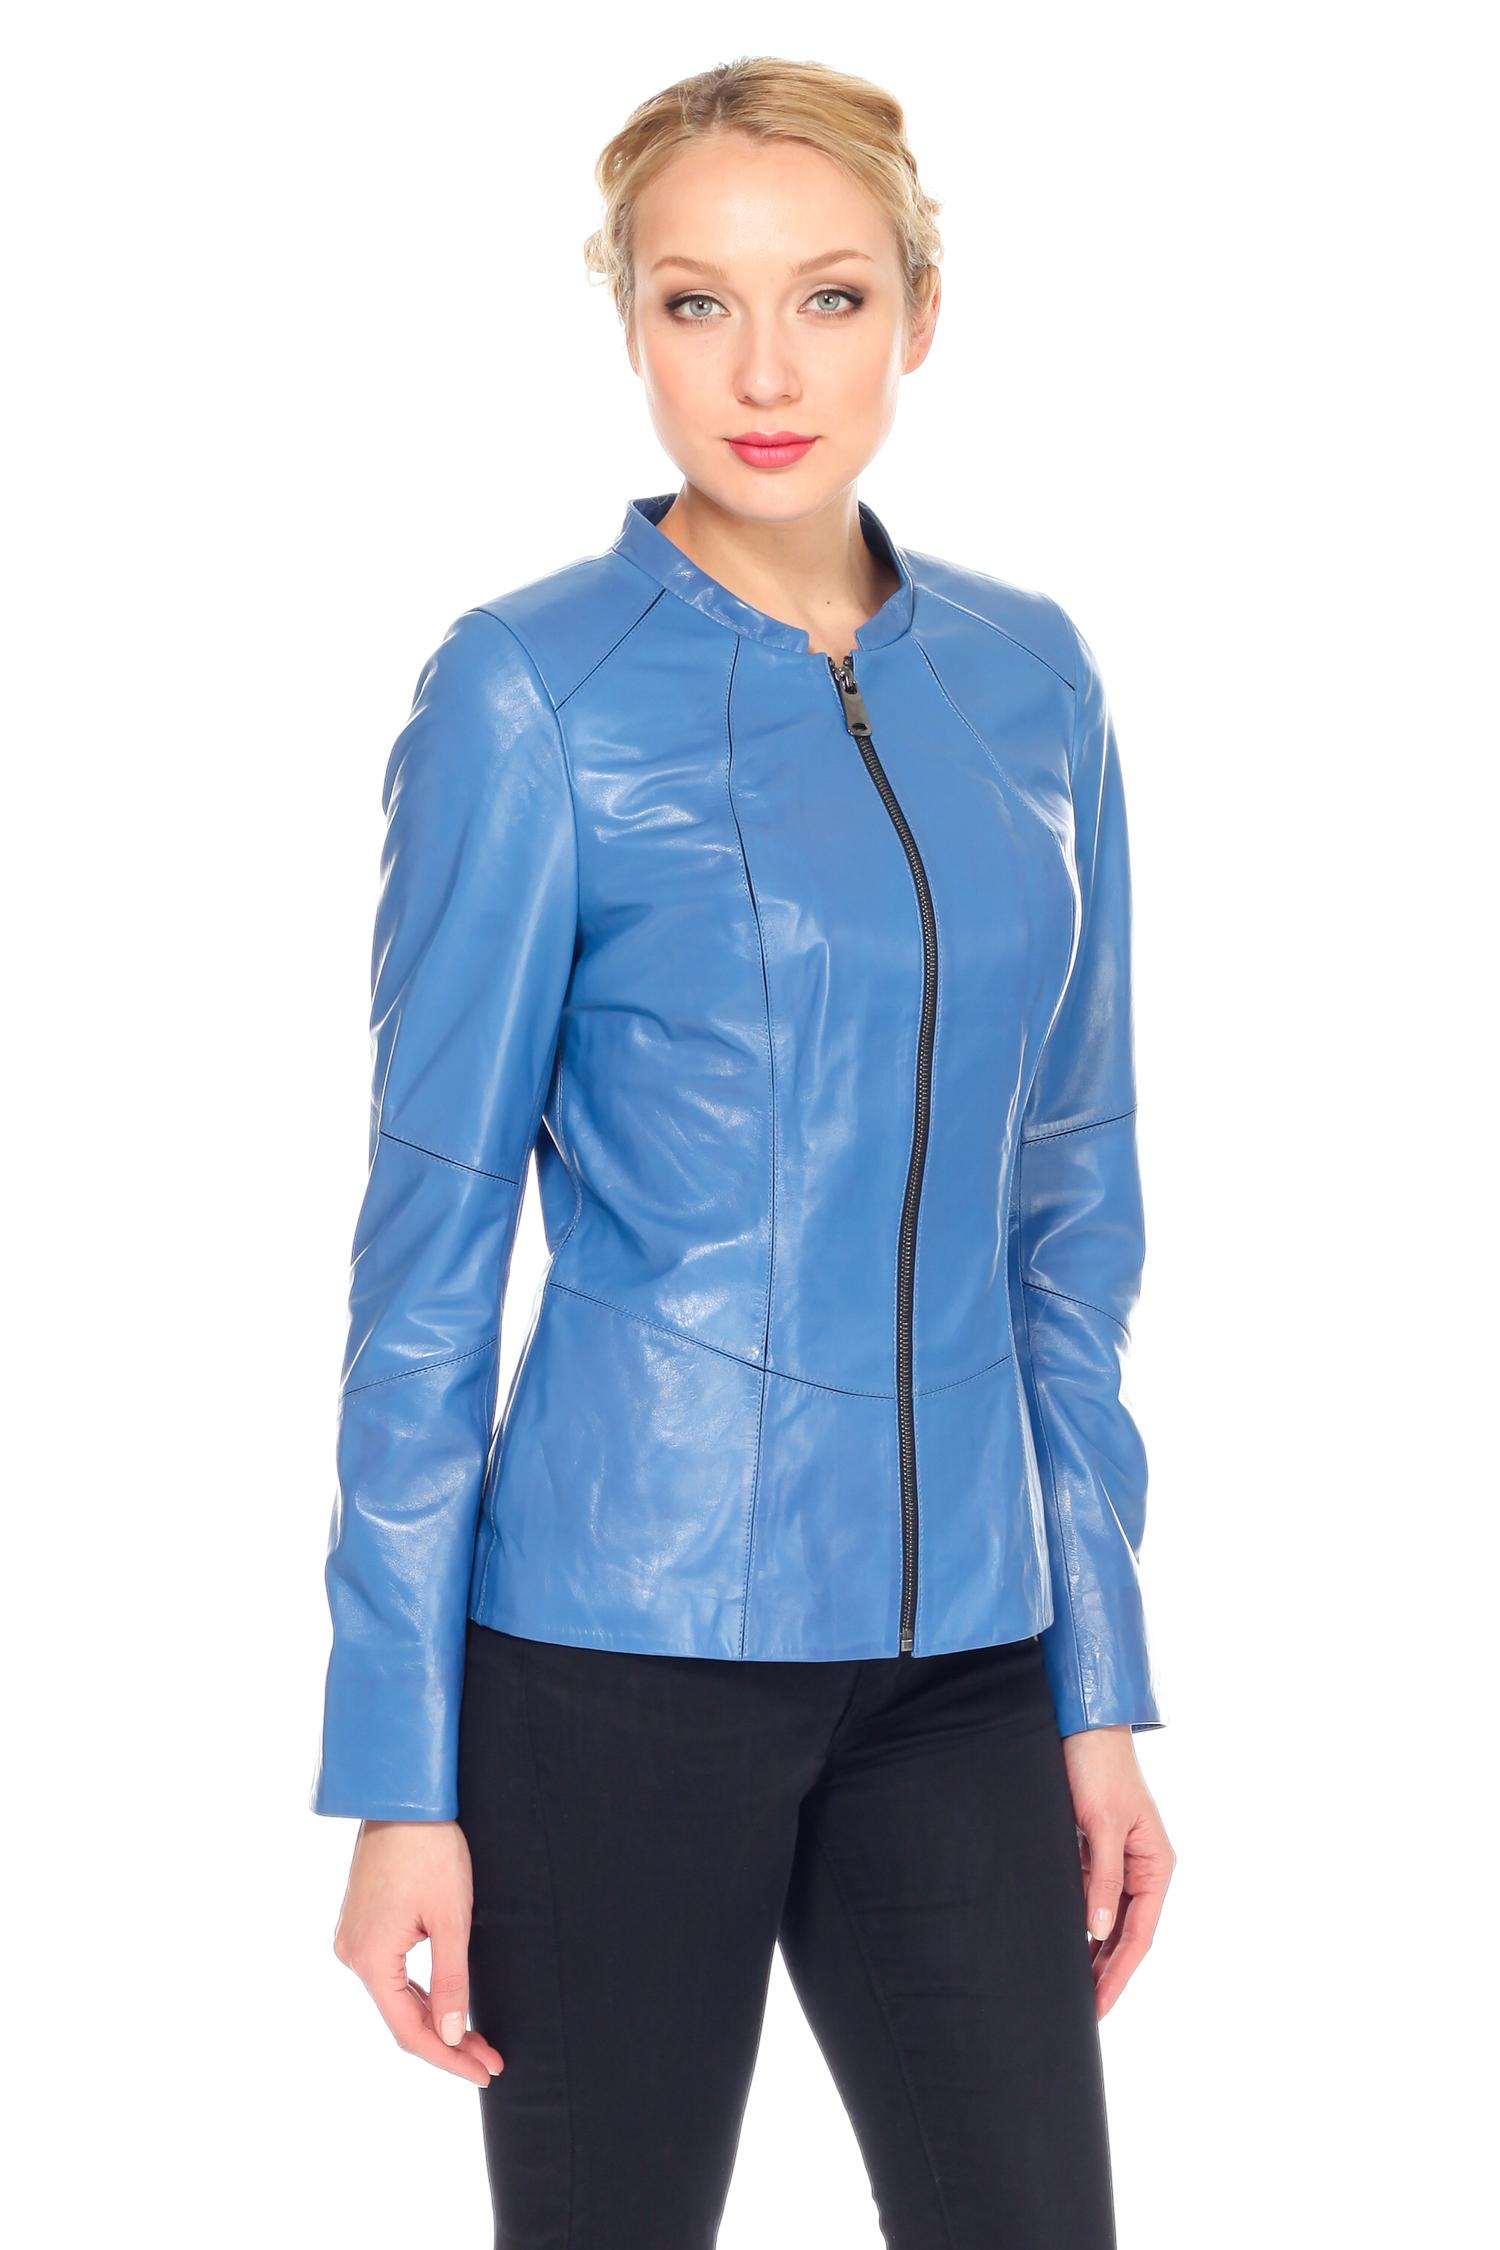 Женская кожаная куртка из натуральной кожи, без отделки<br><br>Материал: Кожа овчина<br>Воротник: без воротника<br>Цвет: голубой<br>Длина см: Короткая (51-74 )<br>Пол: Женский<br>Размер RU: 44